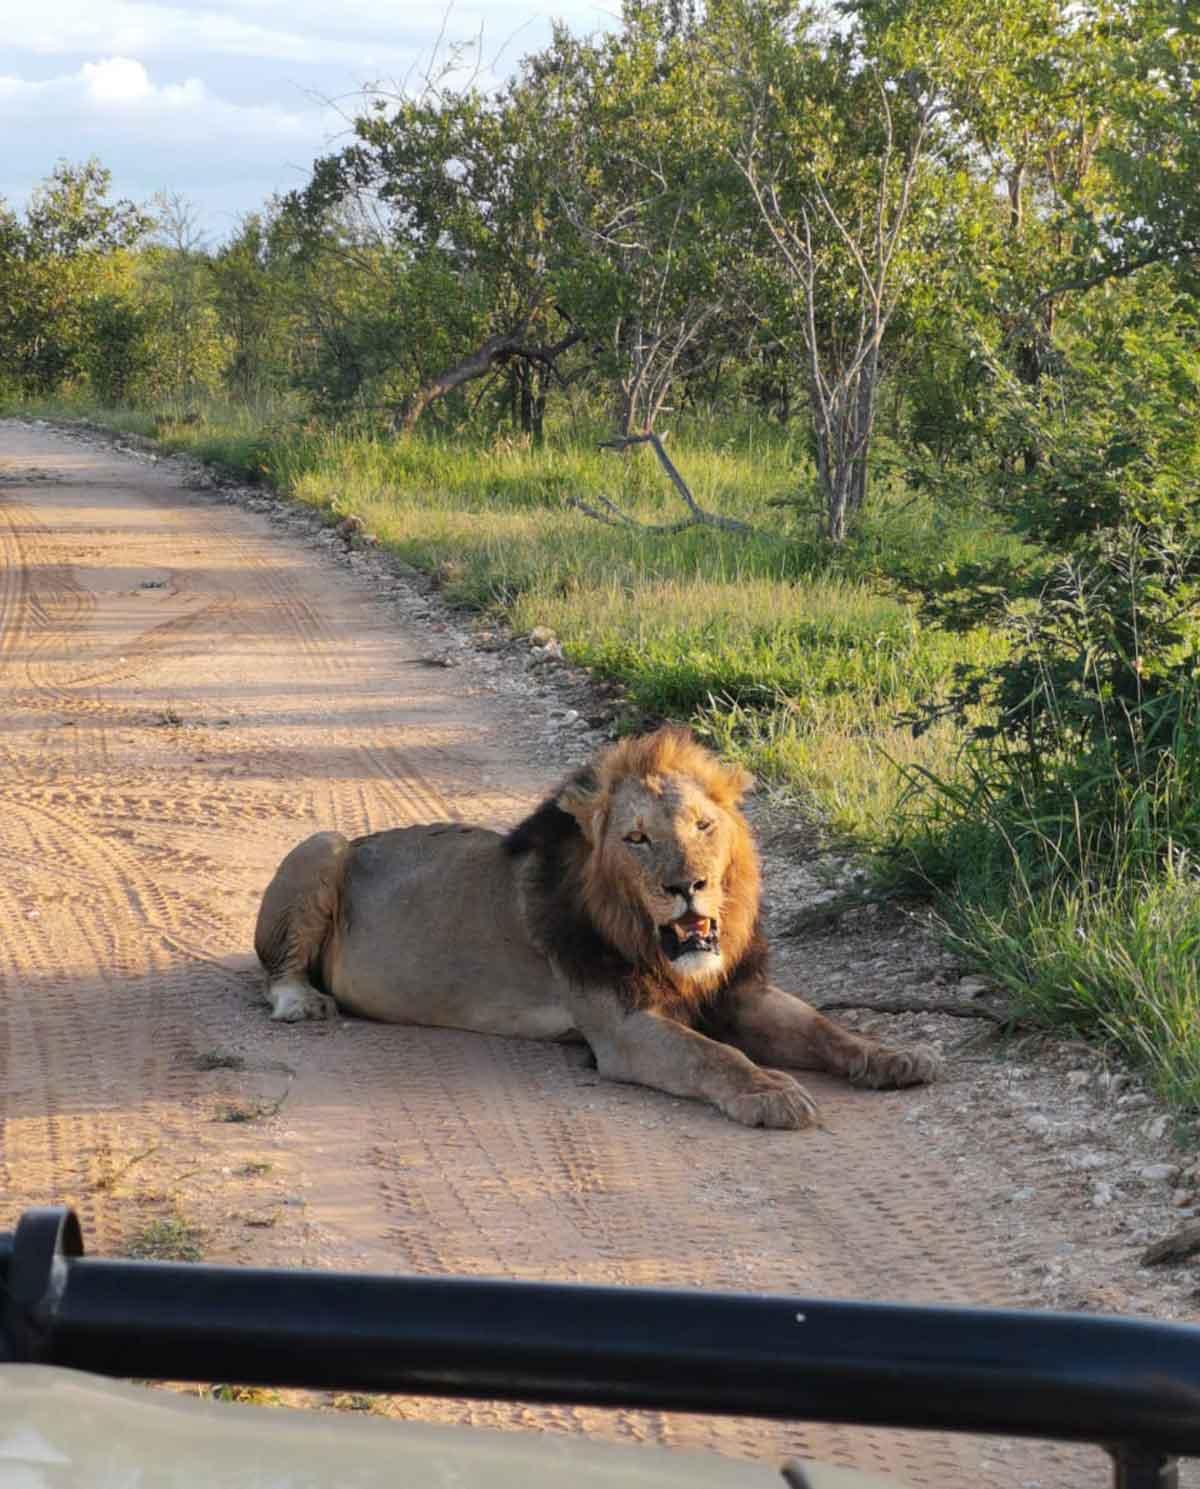 Maseke Lions at Chacma Bush Camp